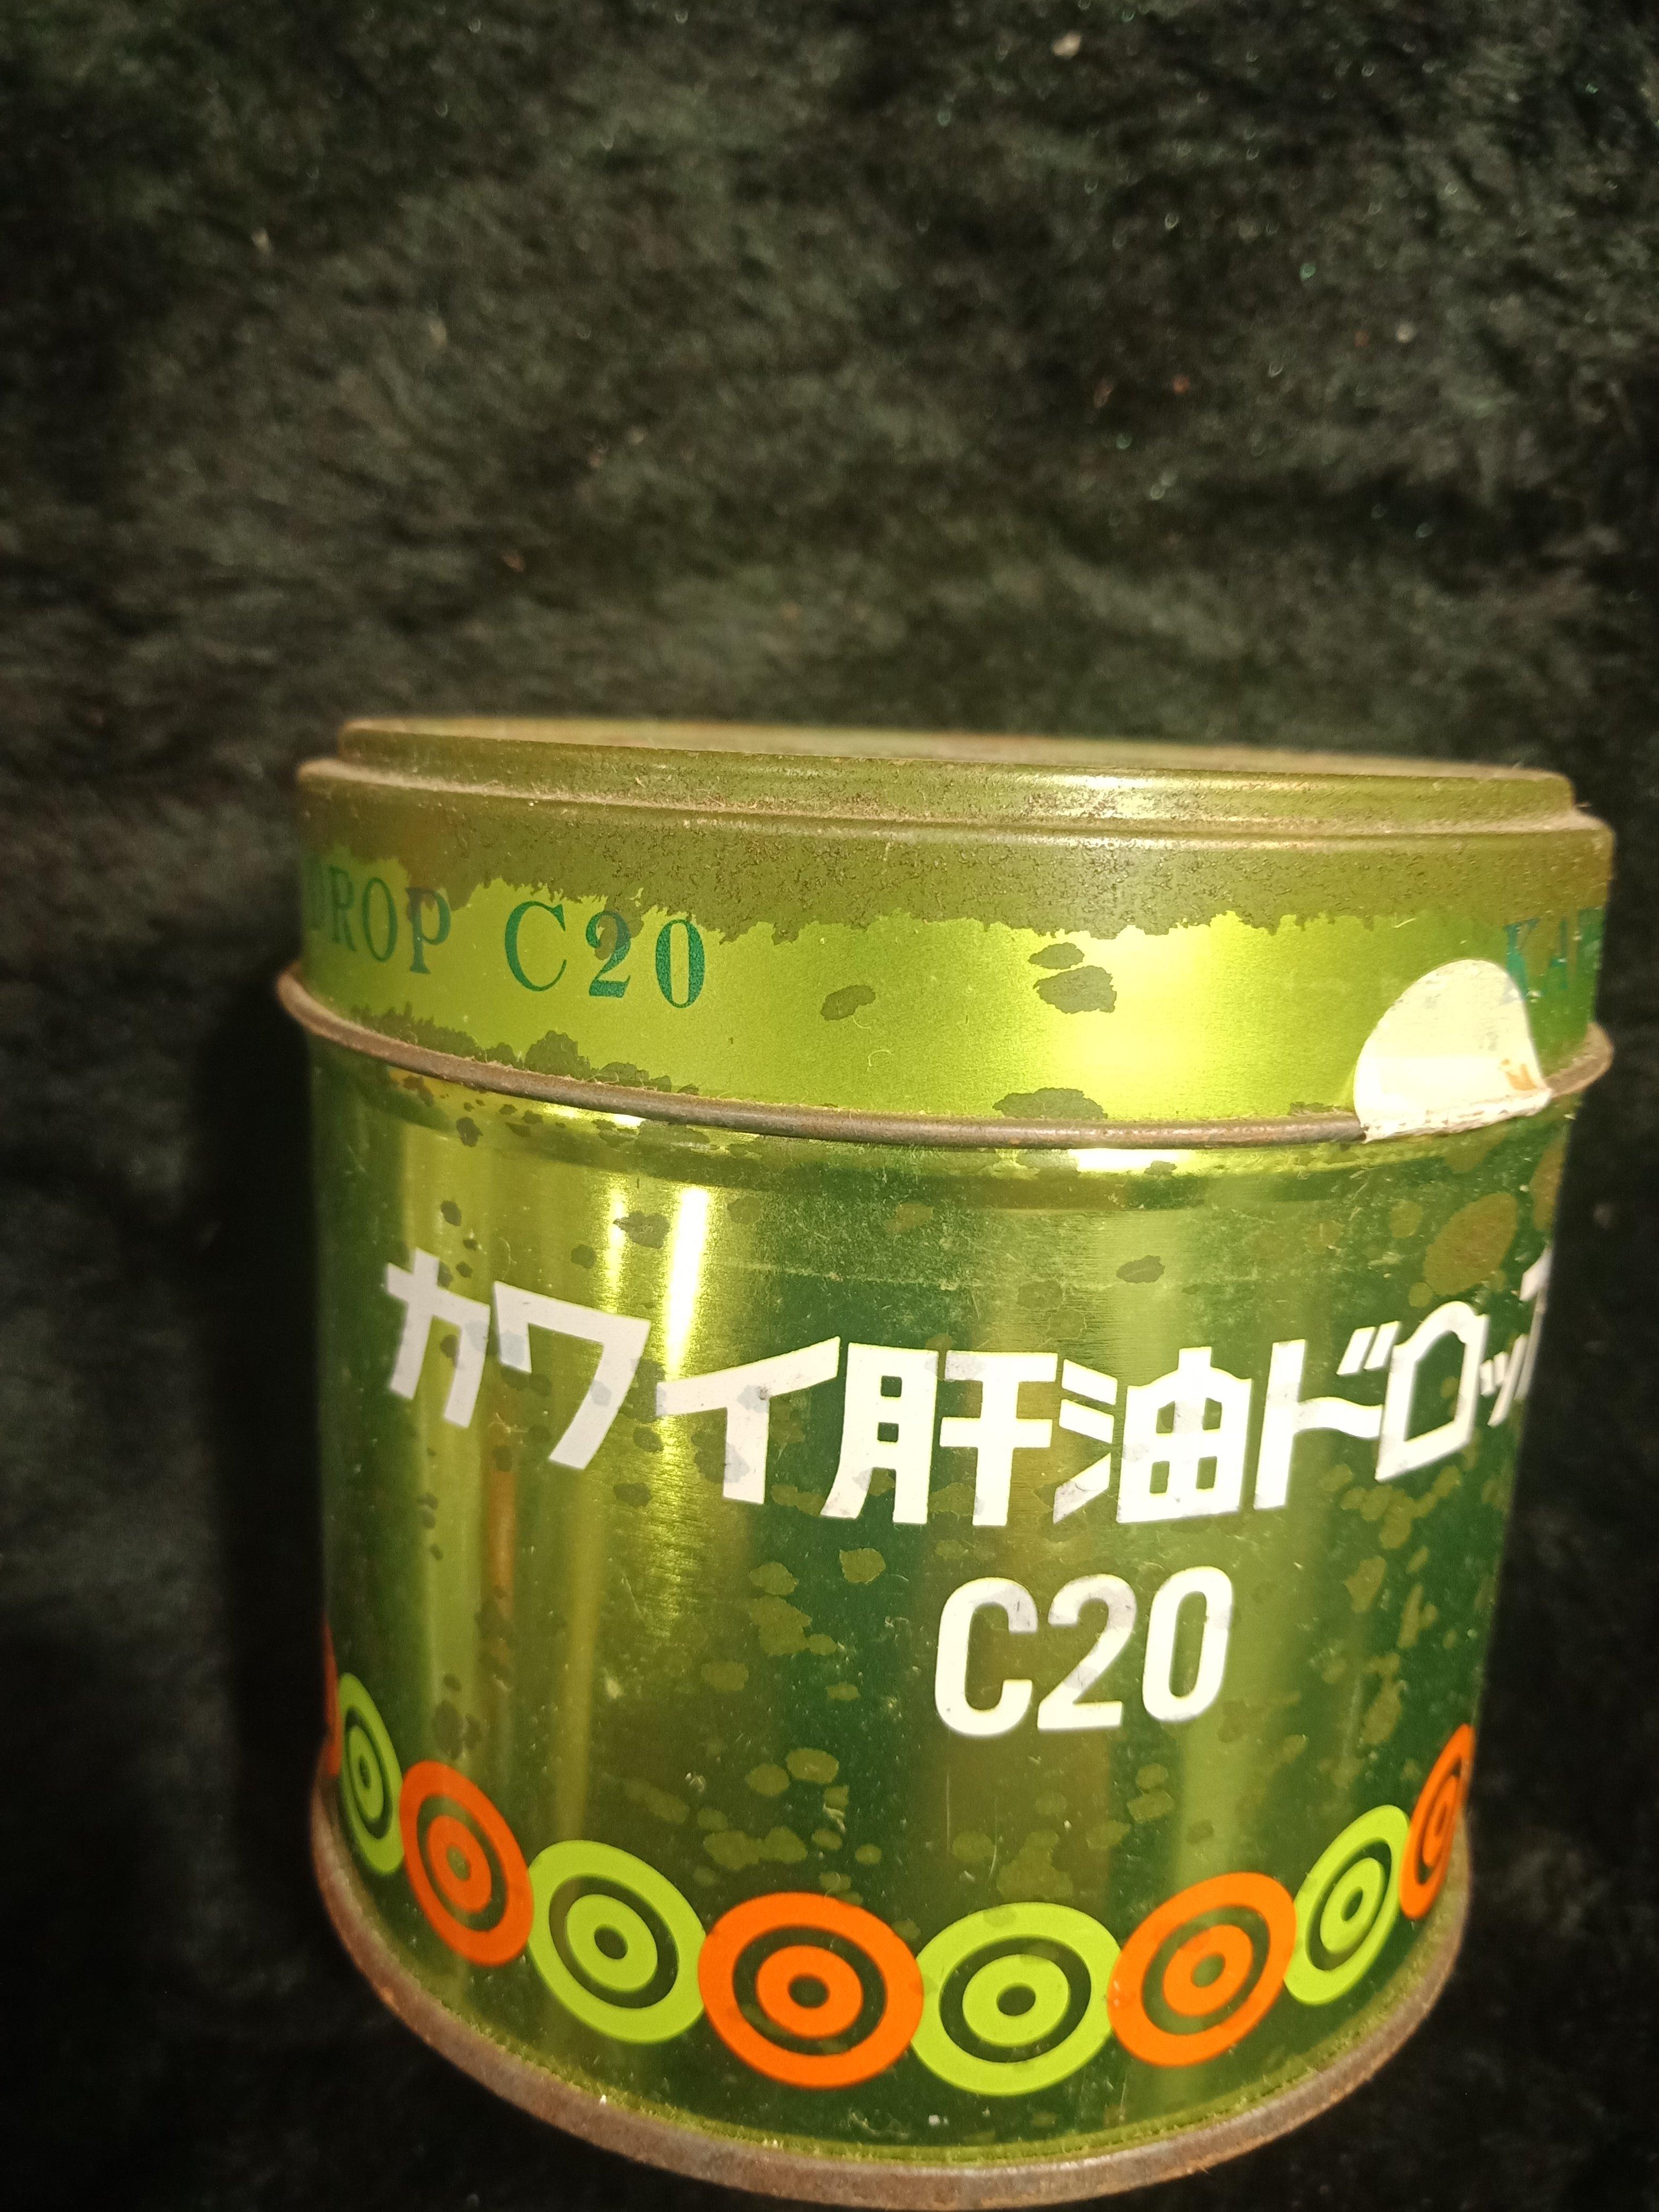 日本 KAWAI 河合製藥 - 康喜健鈣 C20 梨鈣魚肝油 - 老鐵罐 7.5公分高 - 301元起標  A-38箱